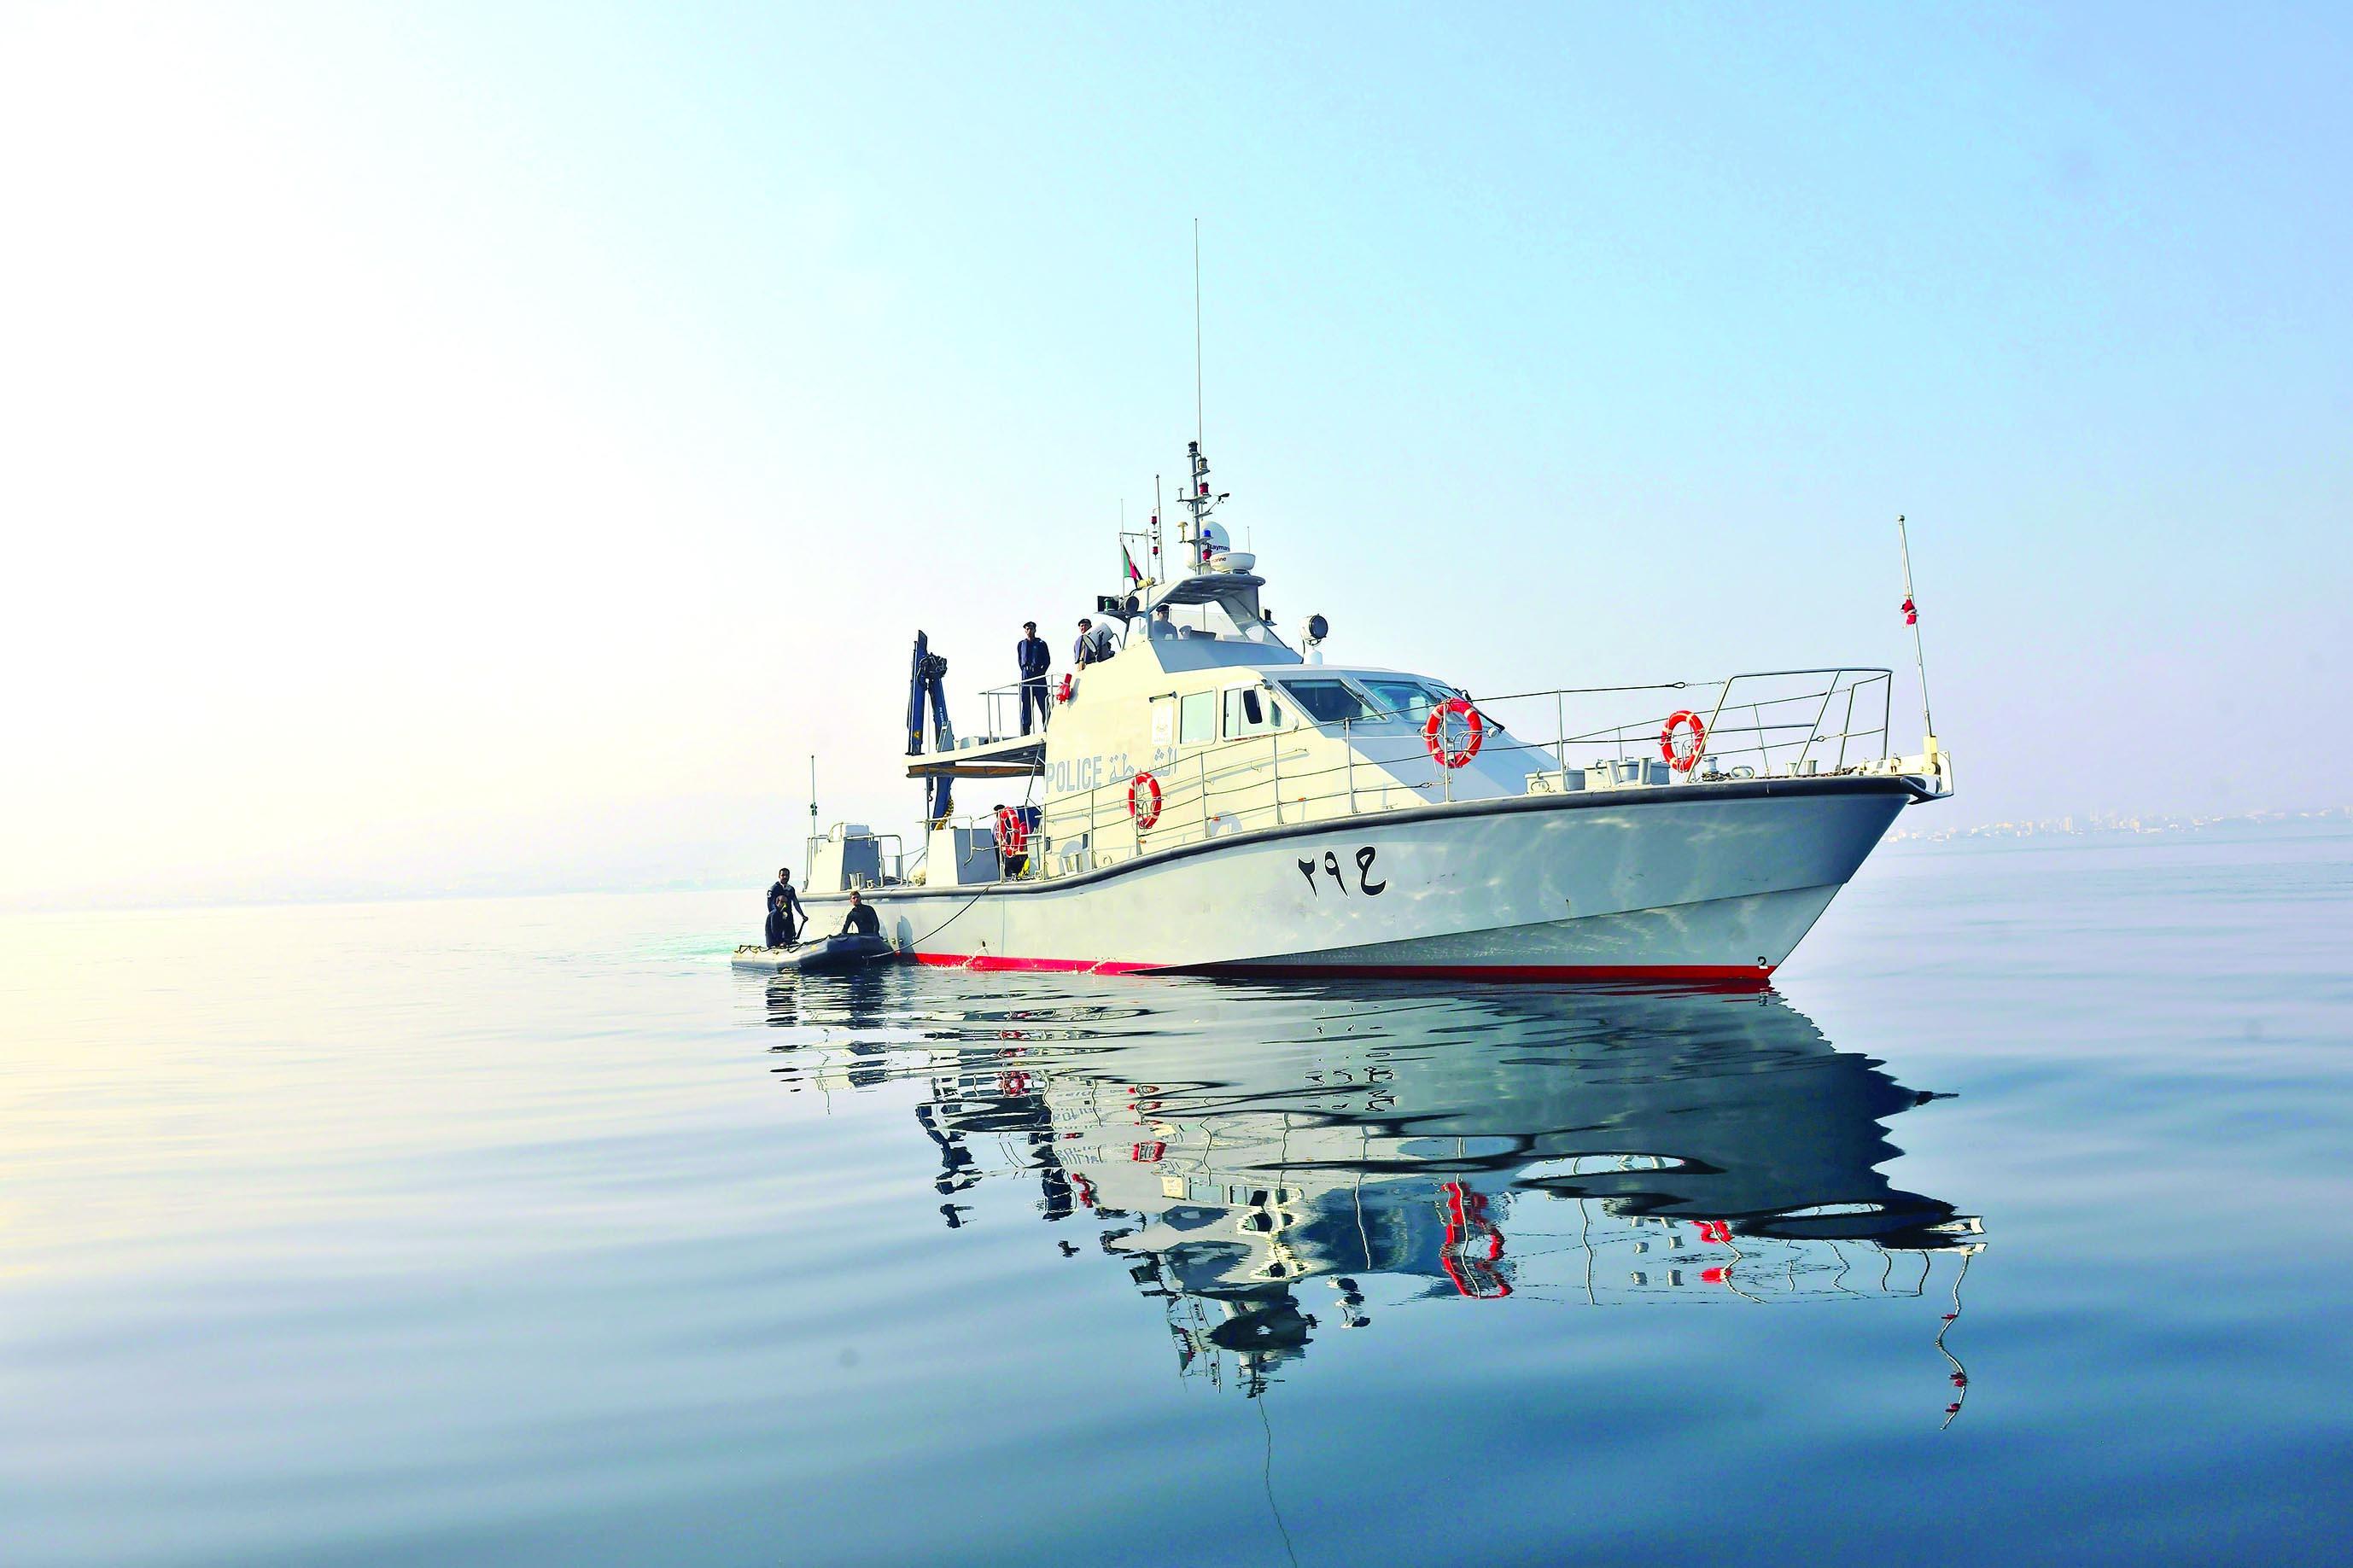 خفر السواحل تقدم المساعدة لـ7 أشخاص